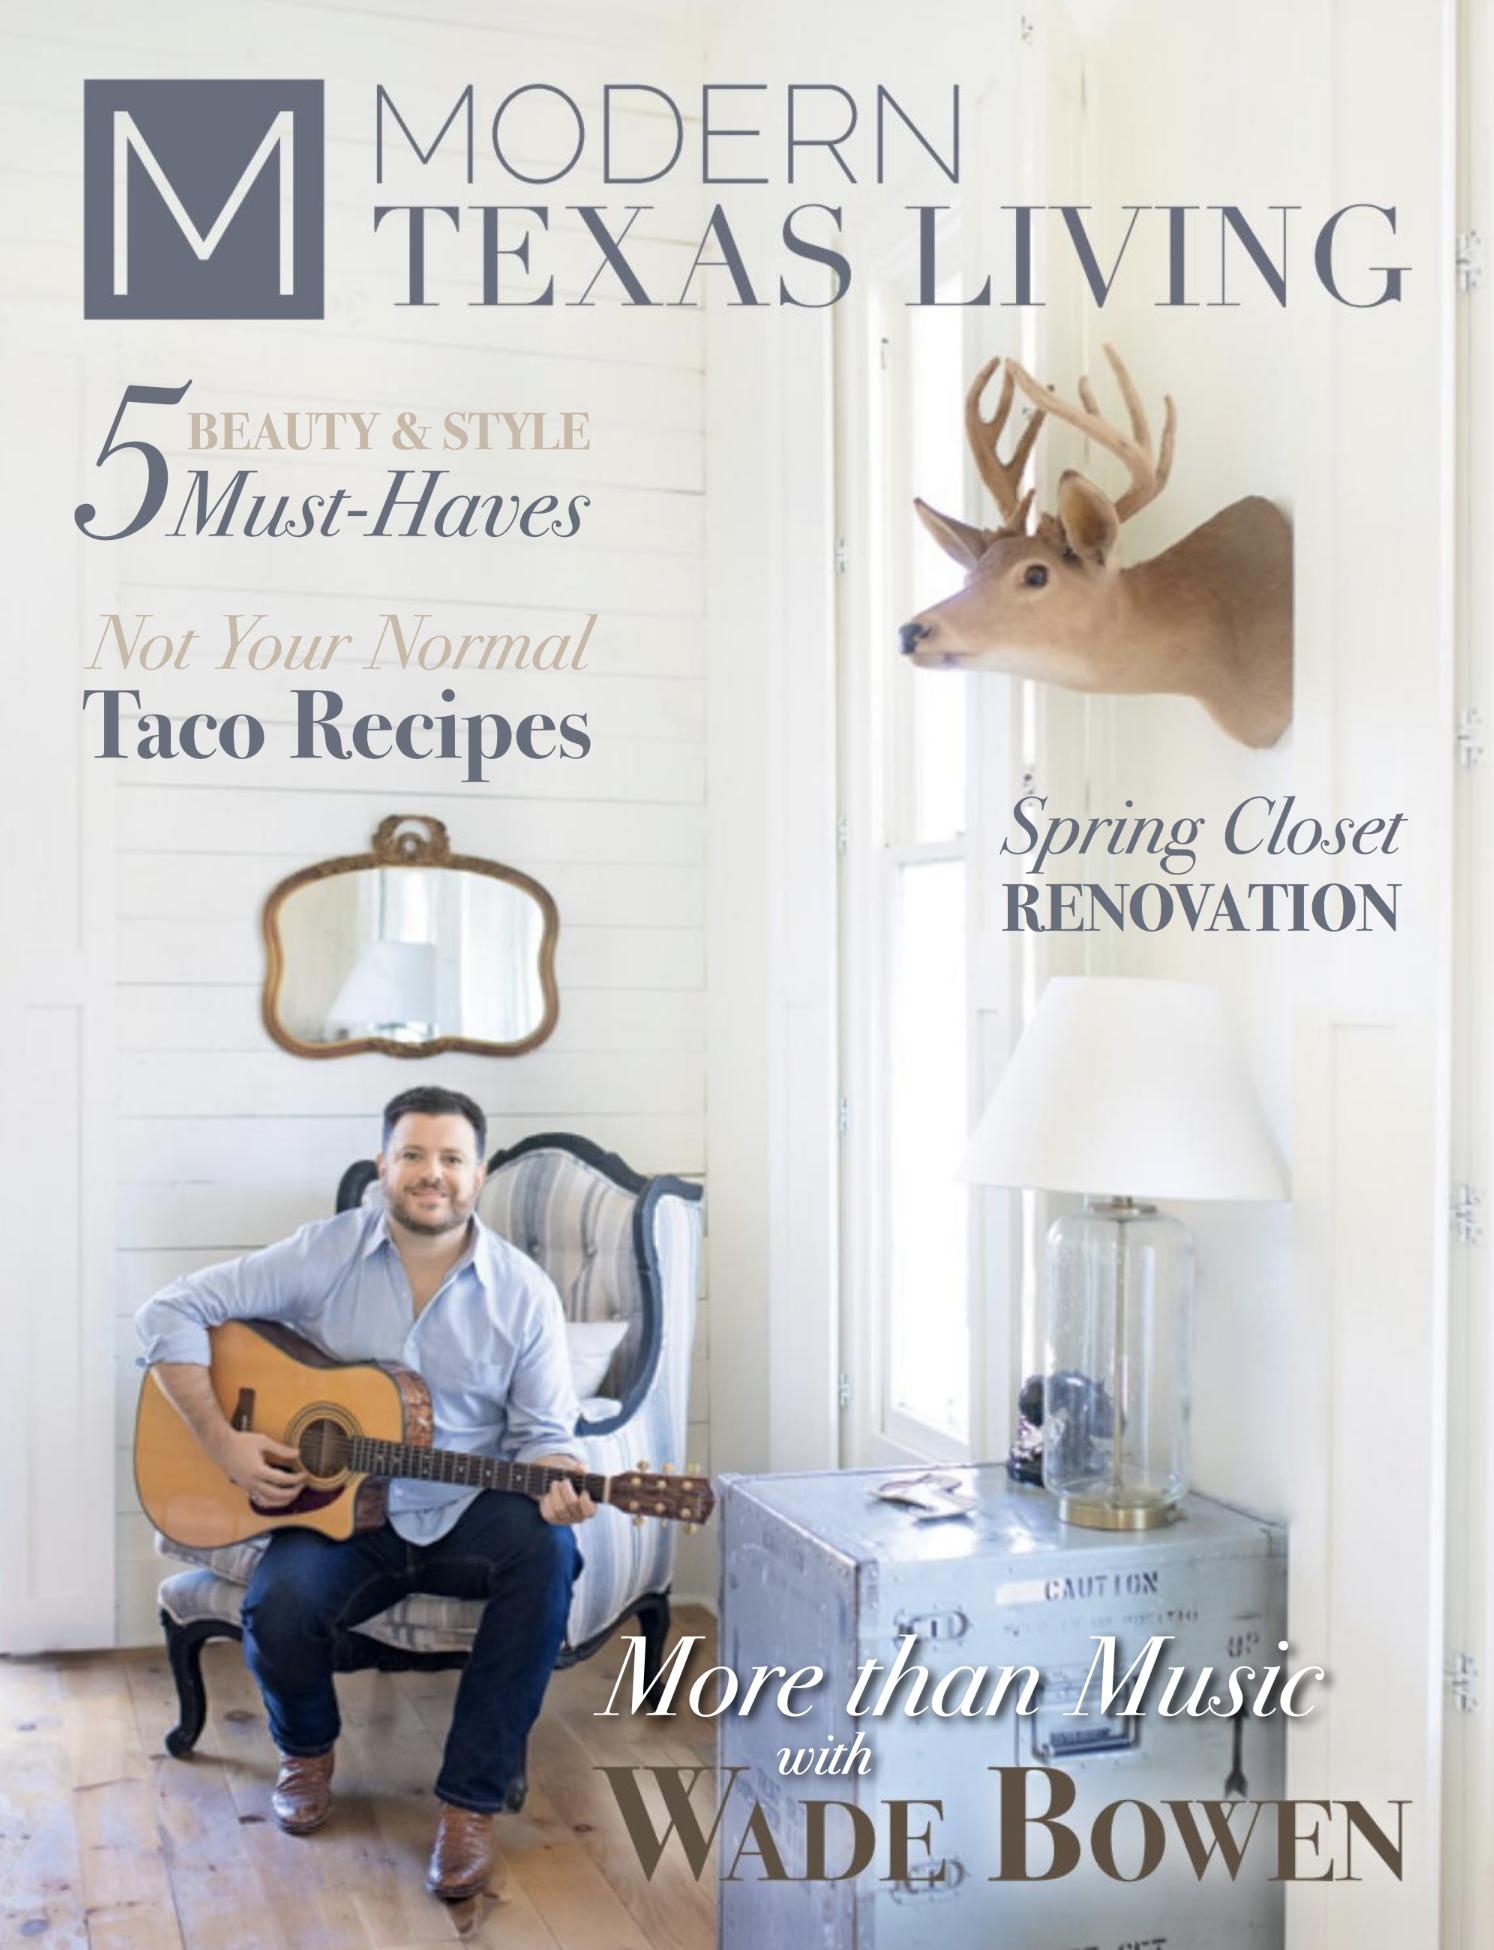 Modern Texas Living -  A Breath of Fresh Air '19